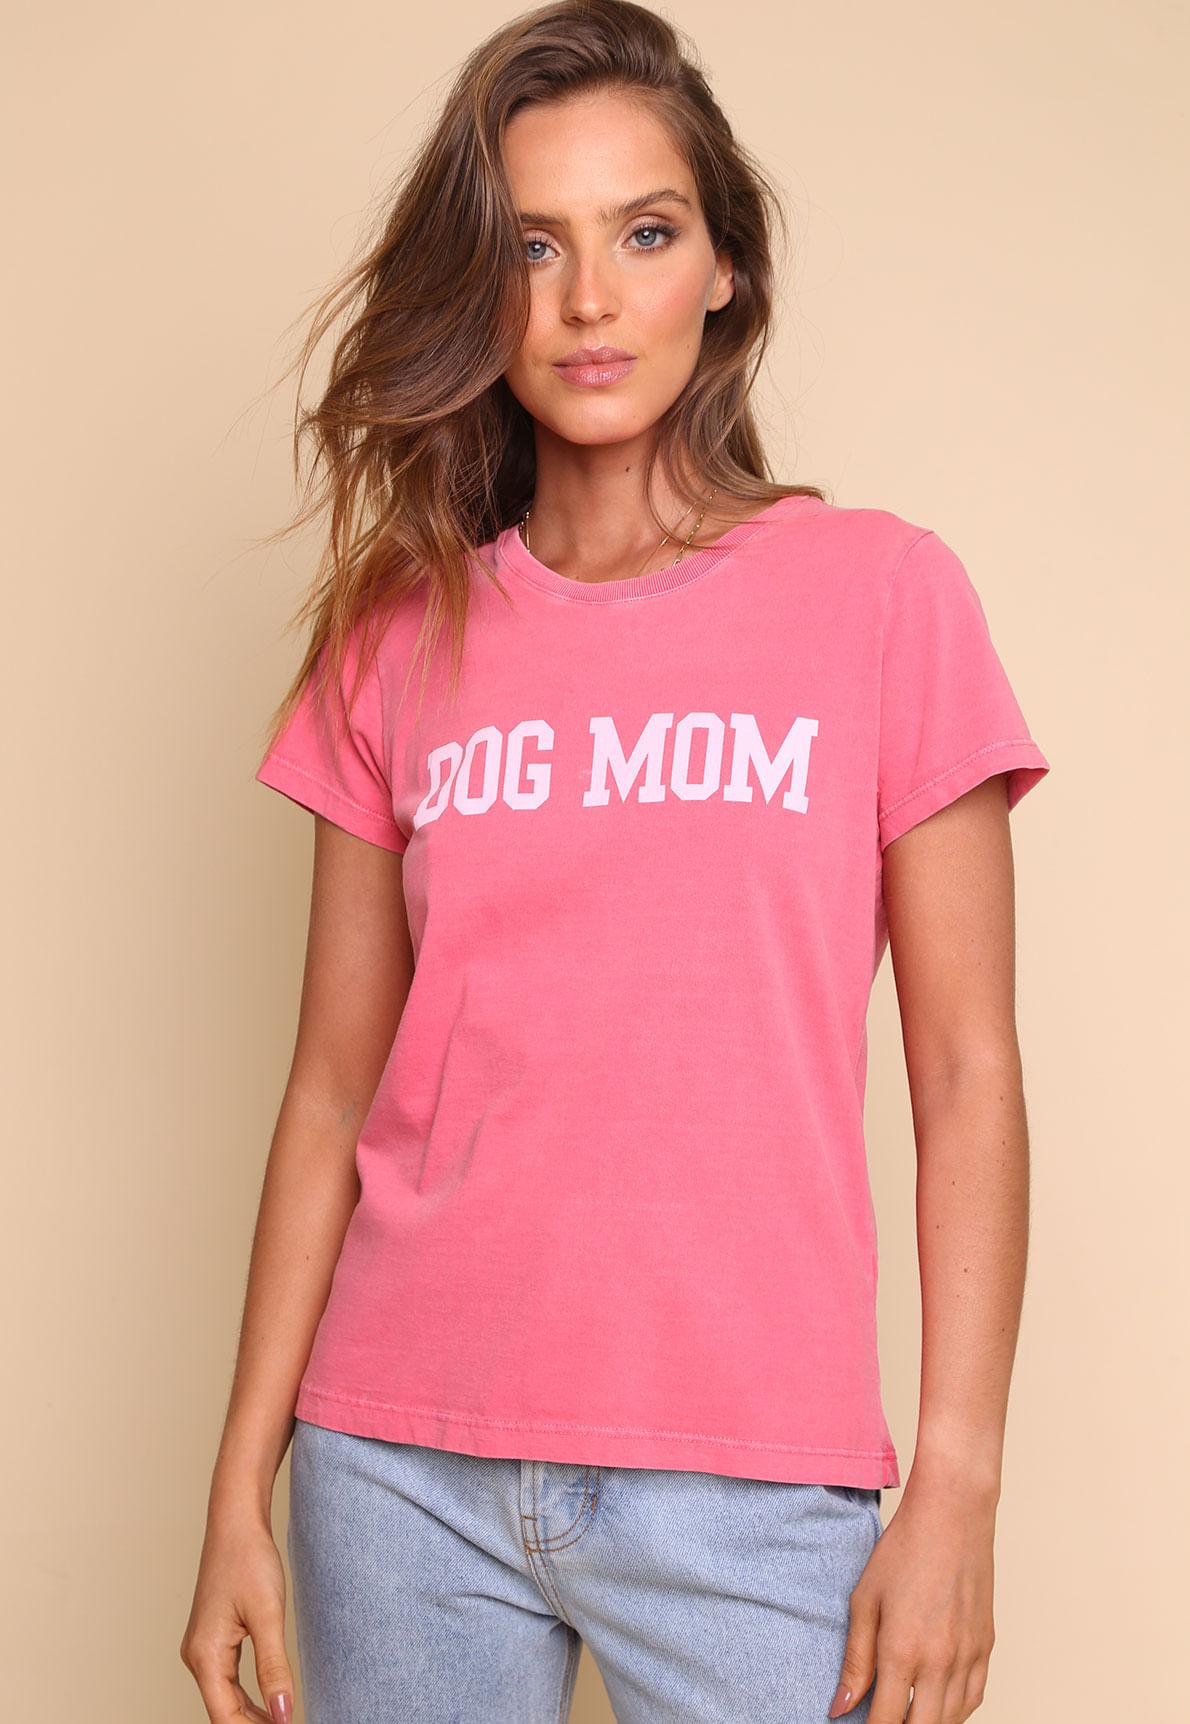 31182-T-Shirt-Mundo-Lolita-Feminina-Rosa-Dog-Mom-07